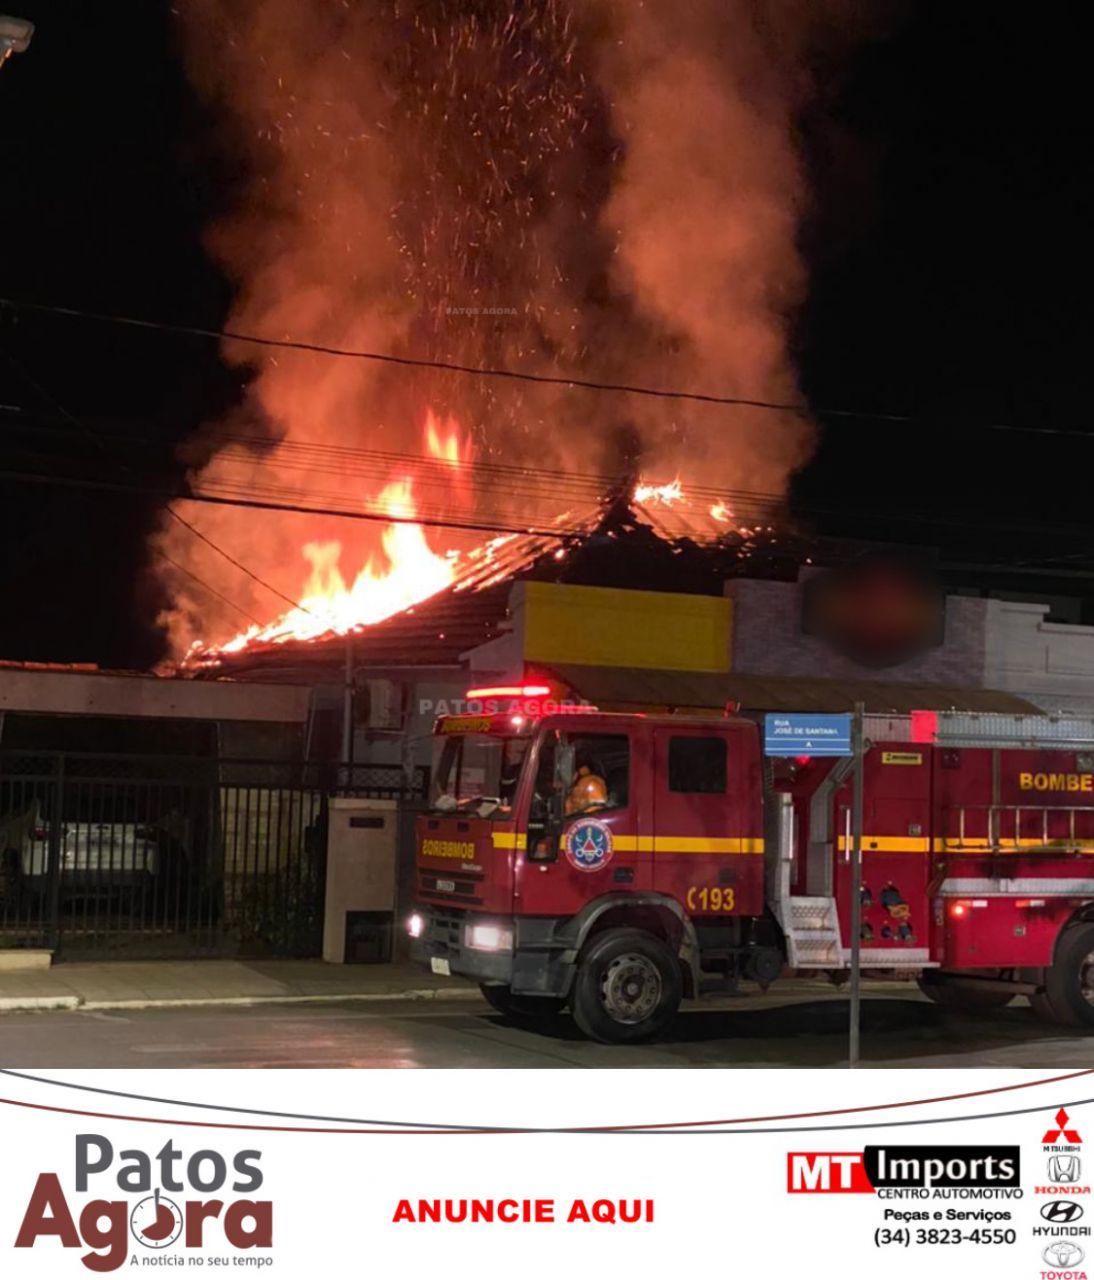 Bombeiros combatem incêndio em empresa no centro de Patos de Minas